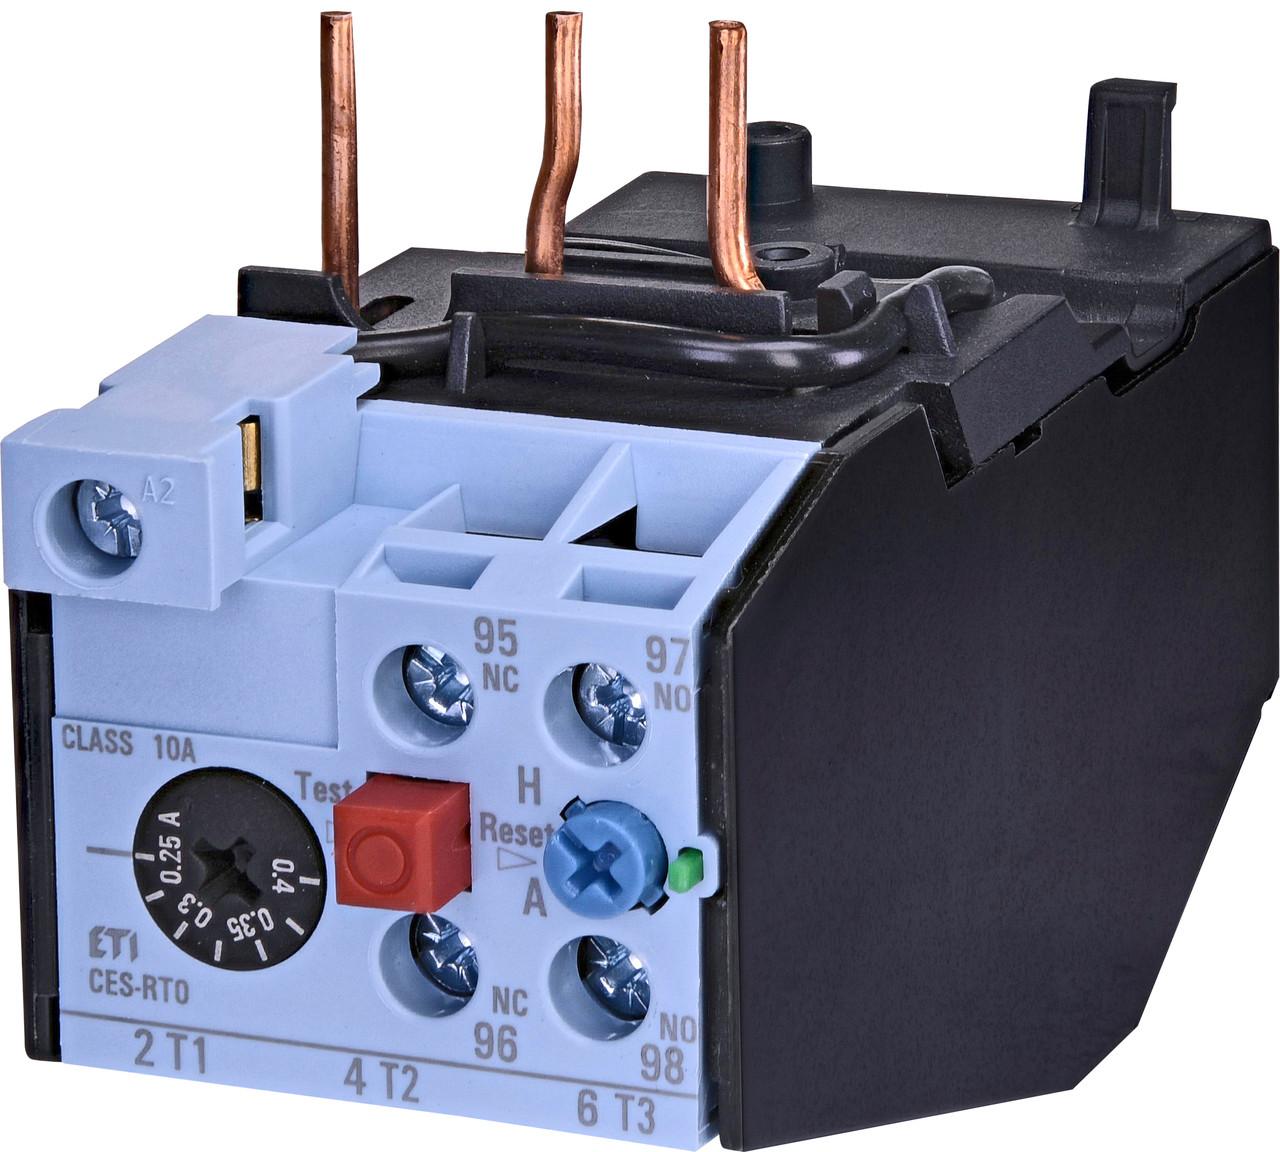 Тепловое реле ETI CES-RT0-0,4 (0,25-0,4A) CES6-CES18 4646587 (для контакторов CES6, CES9, CES12, CES18)